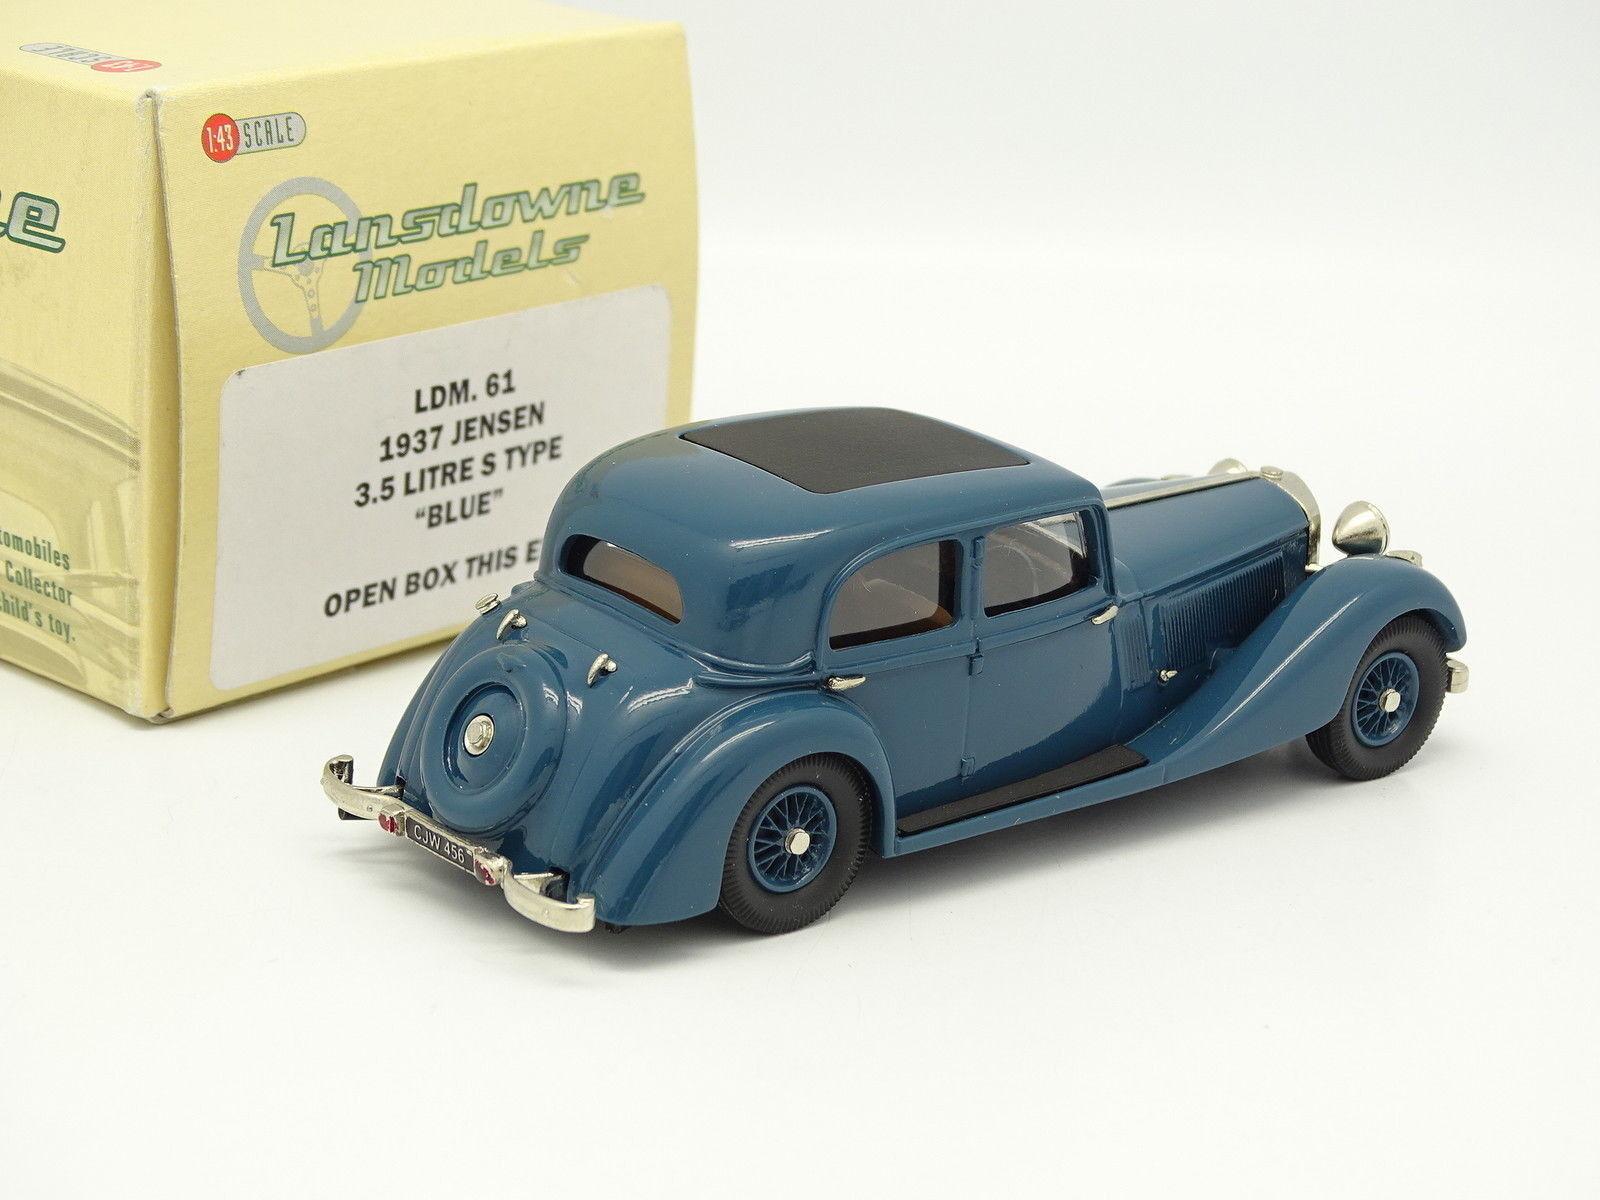 Lansdowne Modelle 1 43 - Jensen 3.5L s-Typ 1937 Blau Blau Blau 4e333d